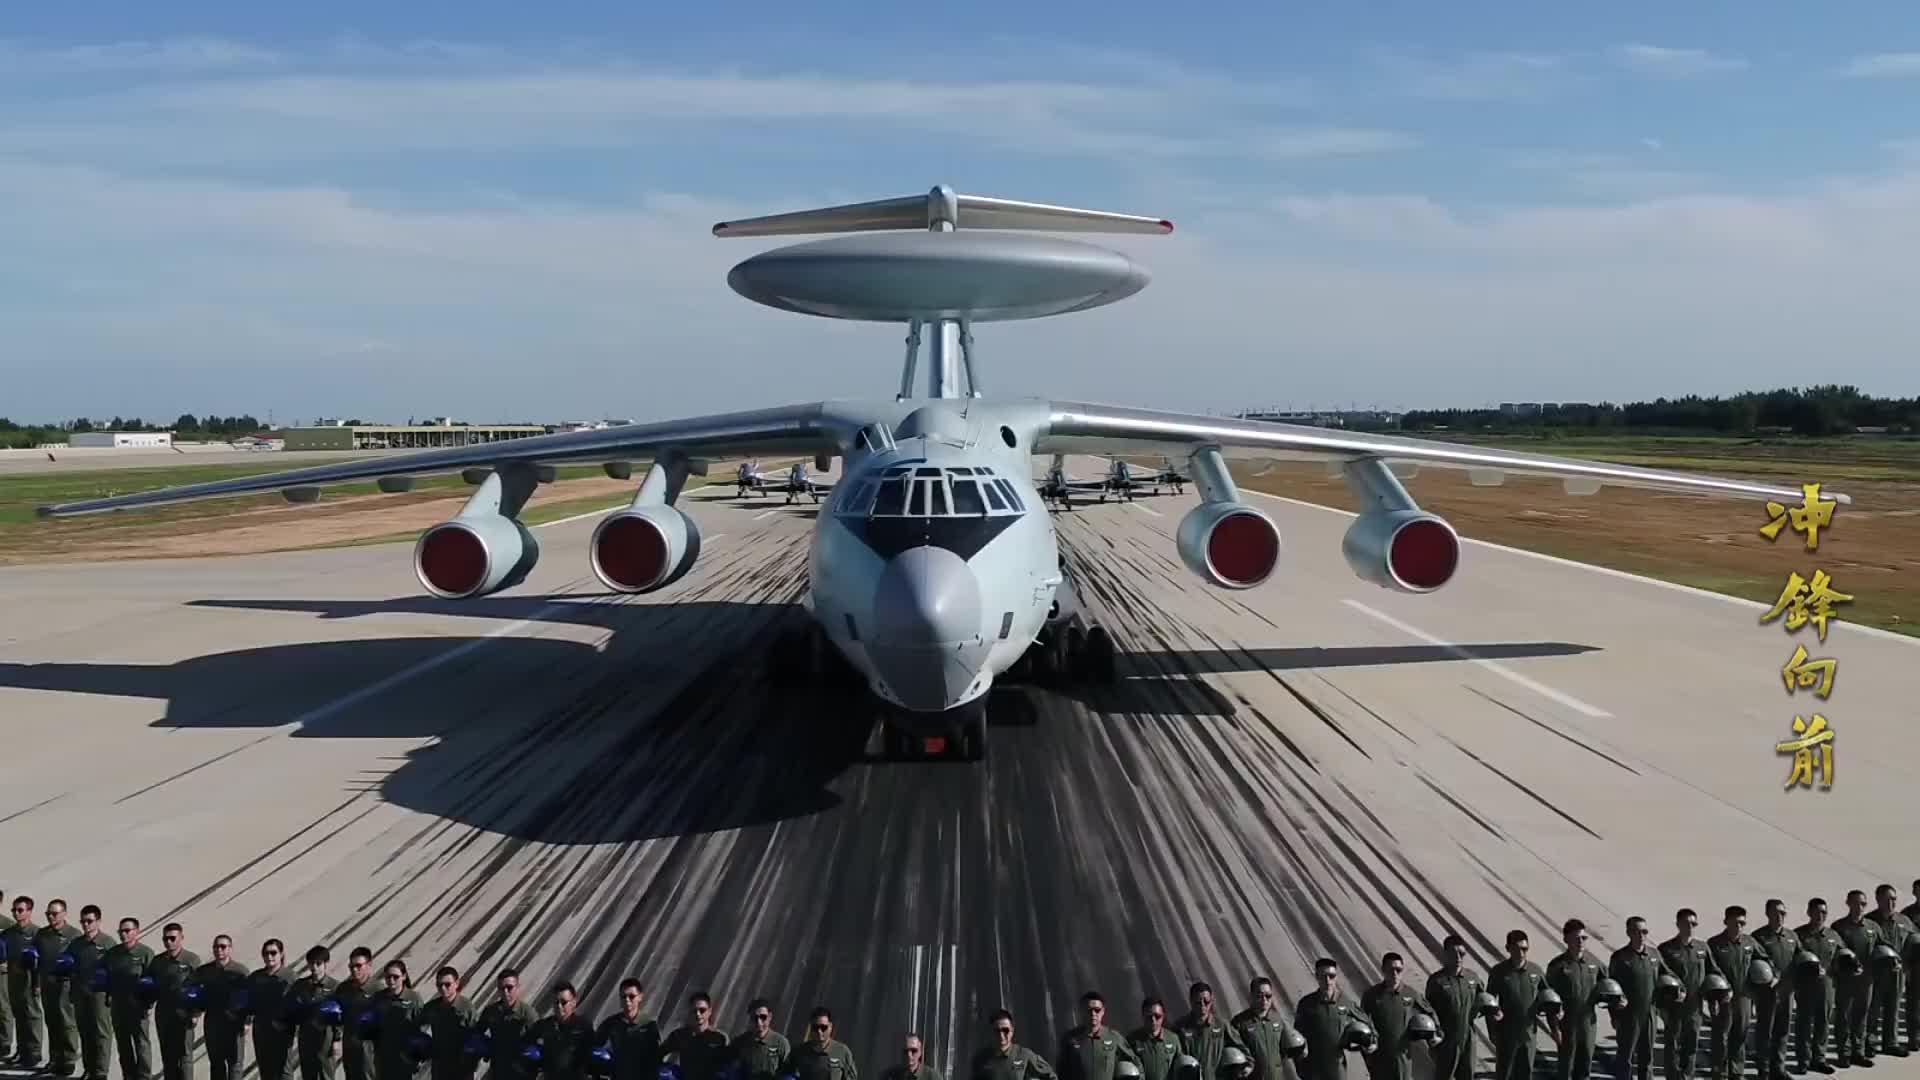 中部战区发布高燃MV《冲锋向前》